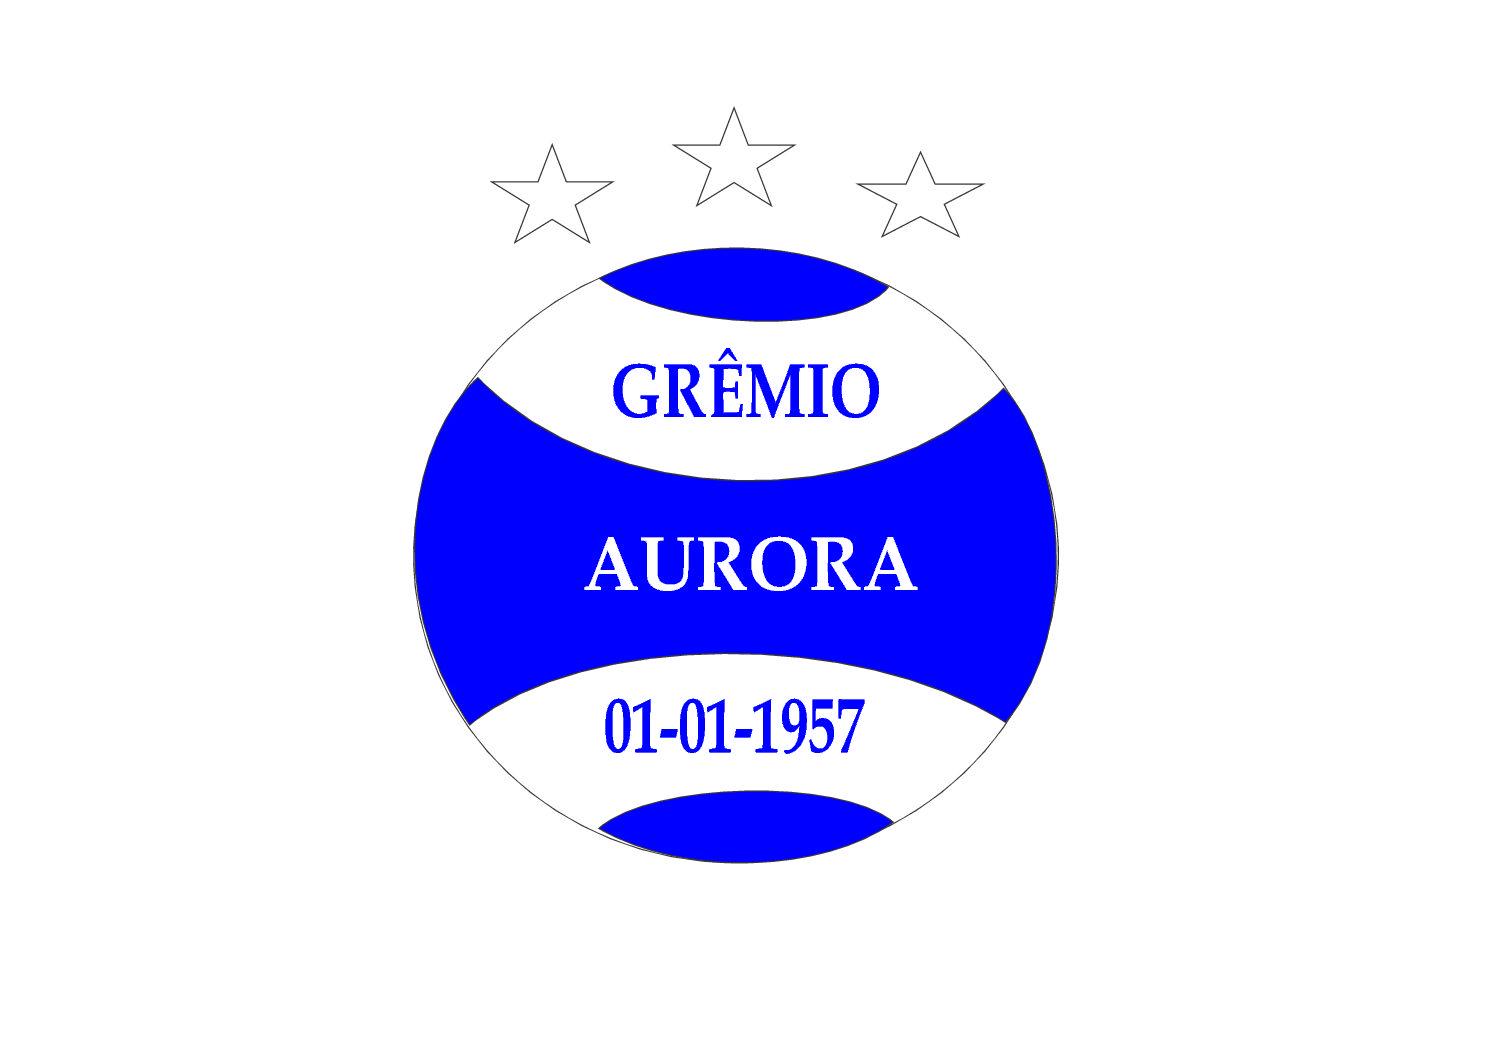 FARDAMENTO PERSONALIZADO PARA EQUIPE DE VETERANOS DO GRÊMIO ESPORTIVO AURORA DA CIDADE DE QUINZE DE NOVEMBRO/RS.